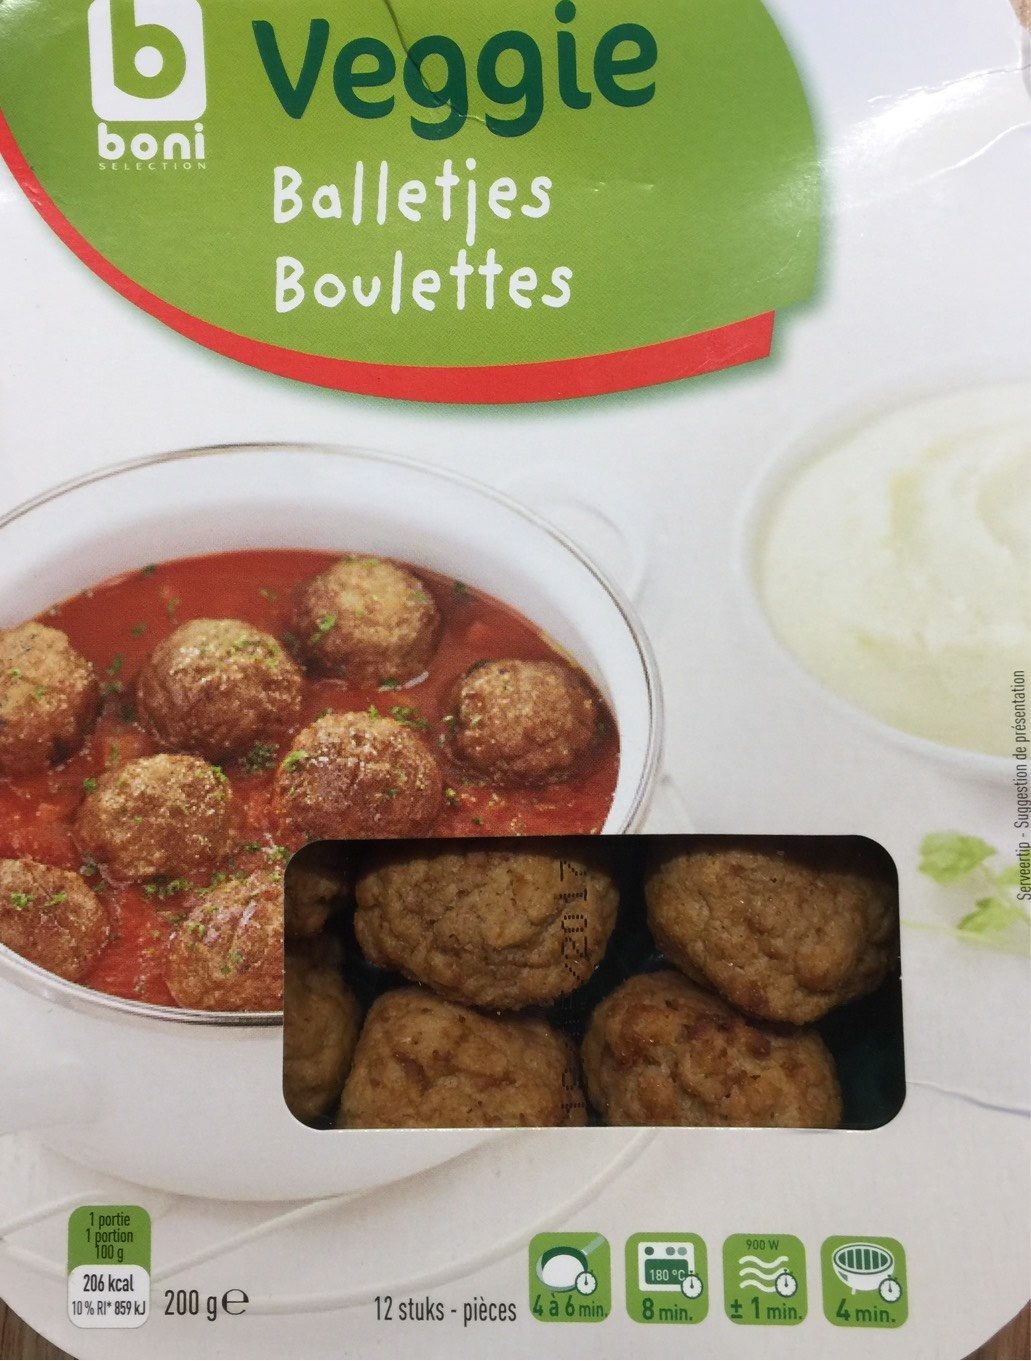 Boulettes Veggie - Product - fr